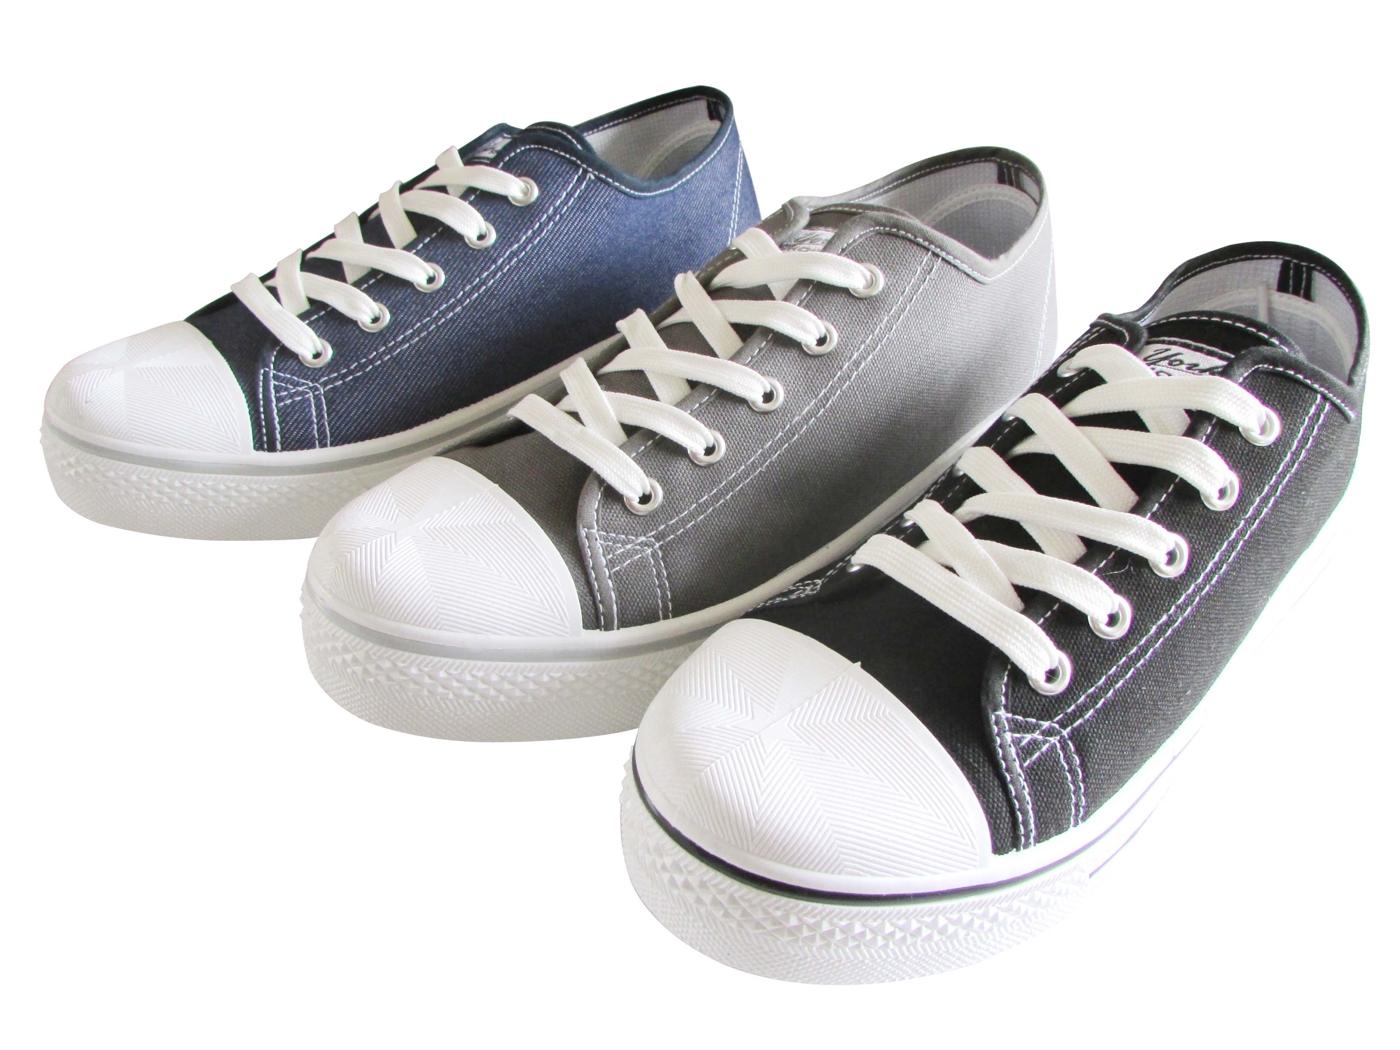 『雙惠鞋櫃』★ 男版 學生 街頭 中性帆布鞋★台灣製造★(A2023) 黑、灰、牛仔藍